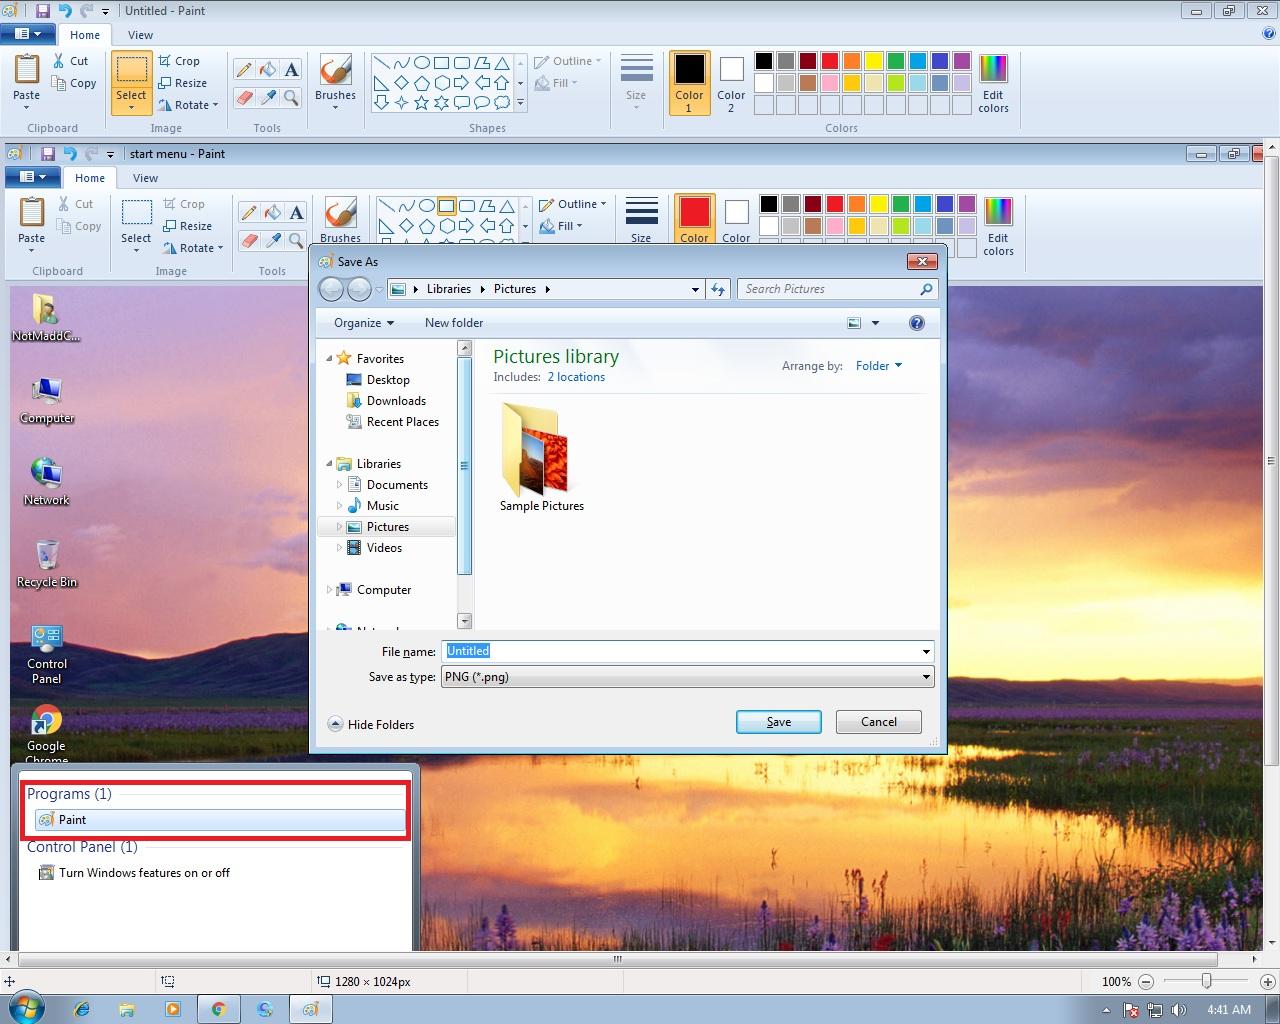 2 Best Ways To Take Screenshot on Windows 7 - Screen Shot